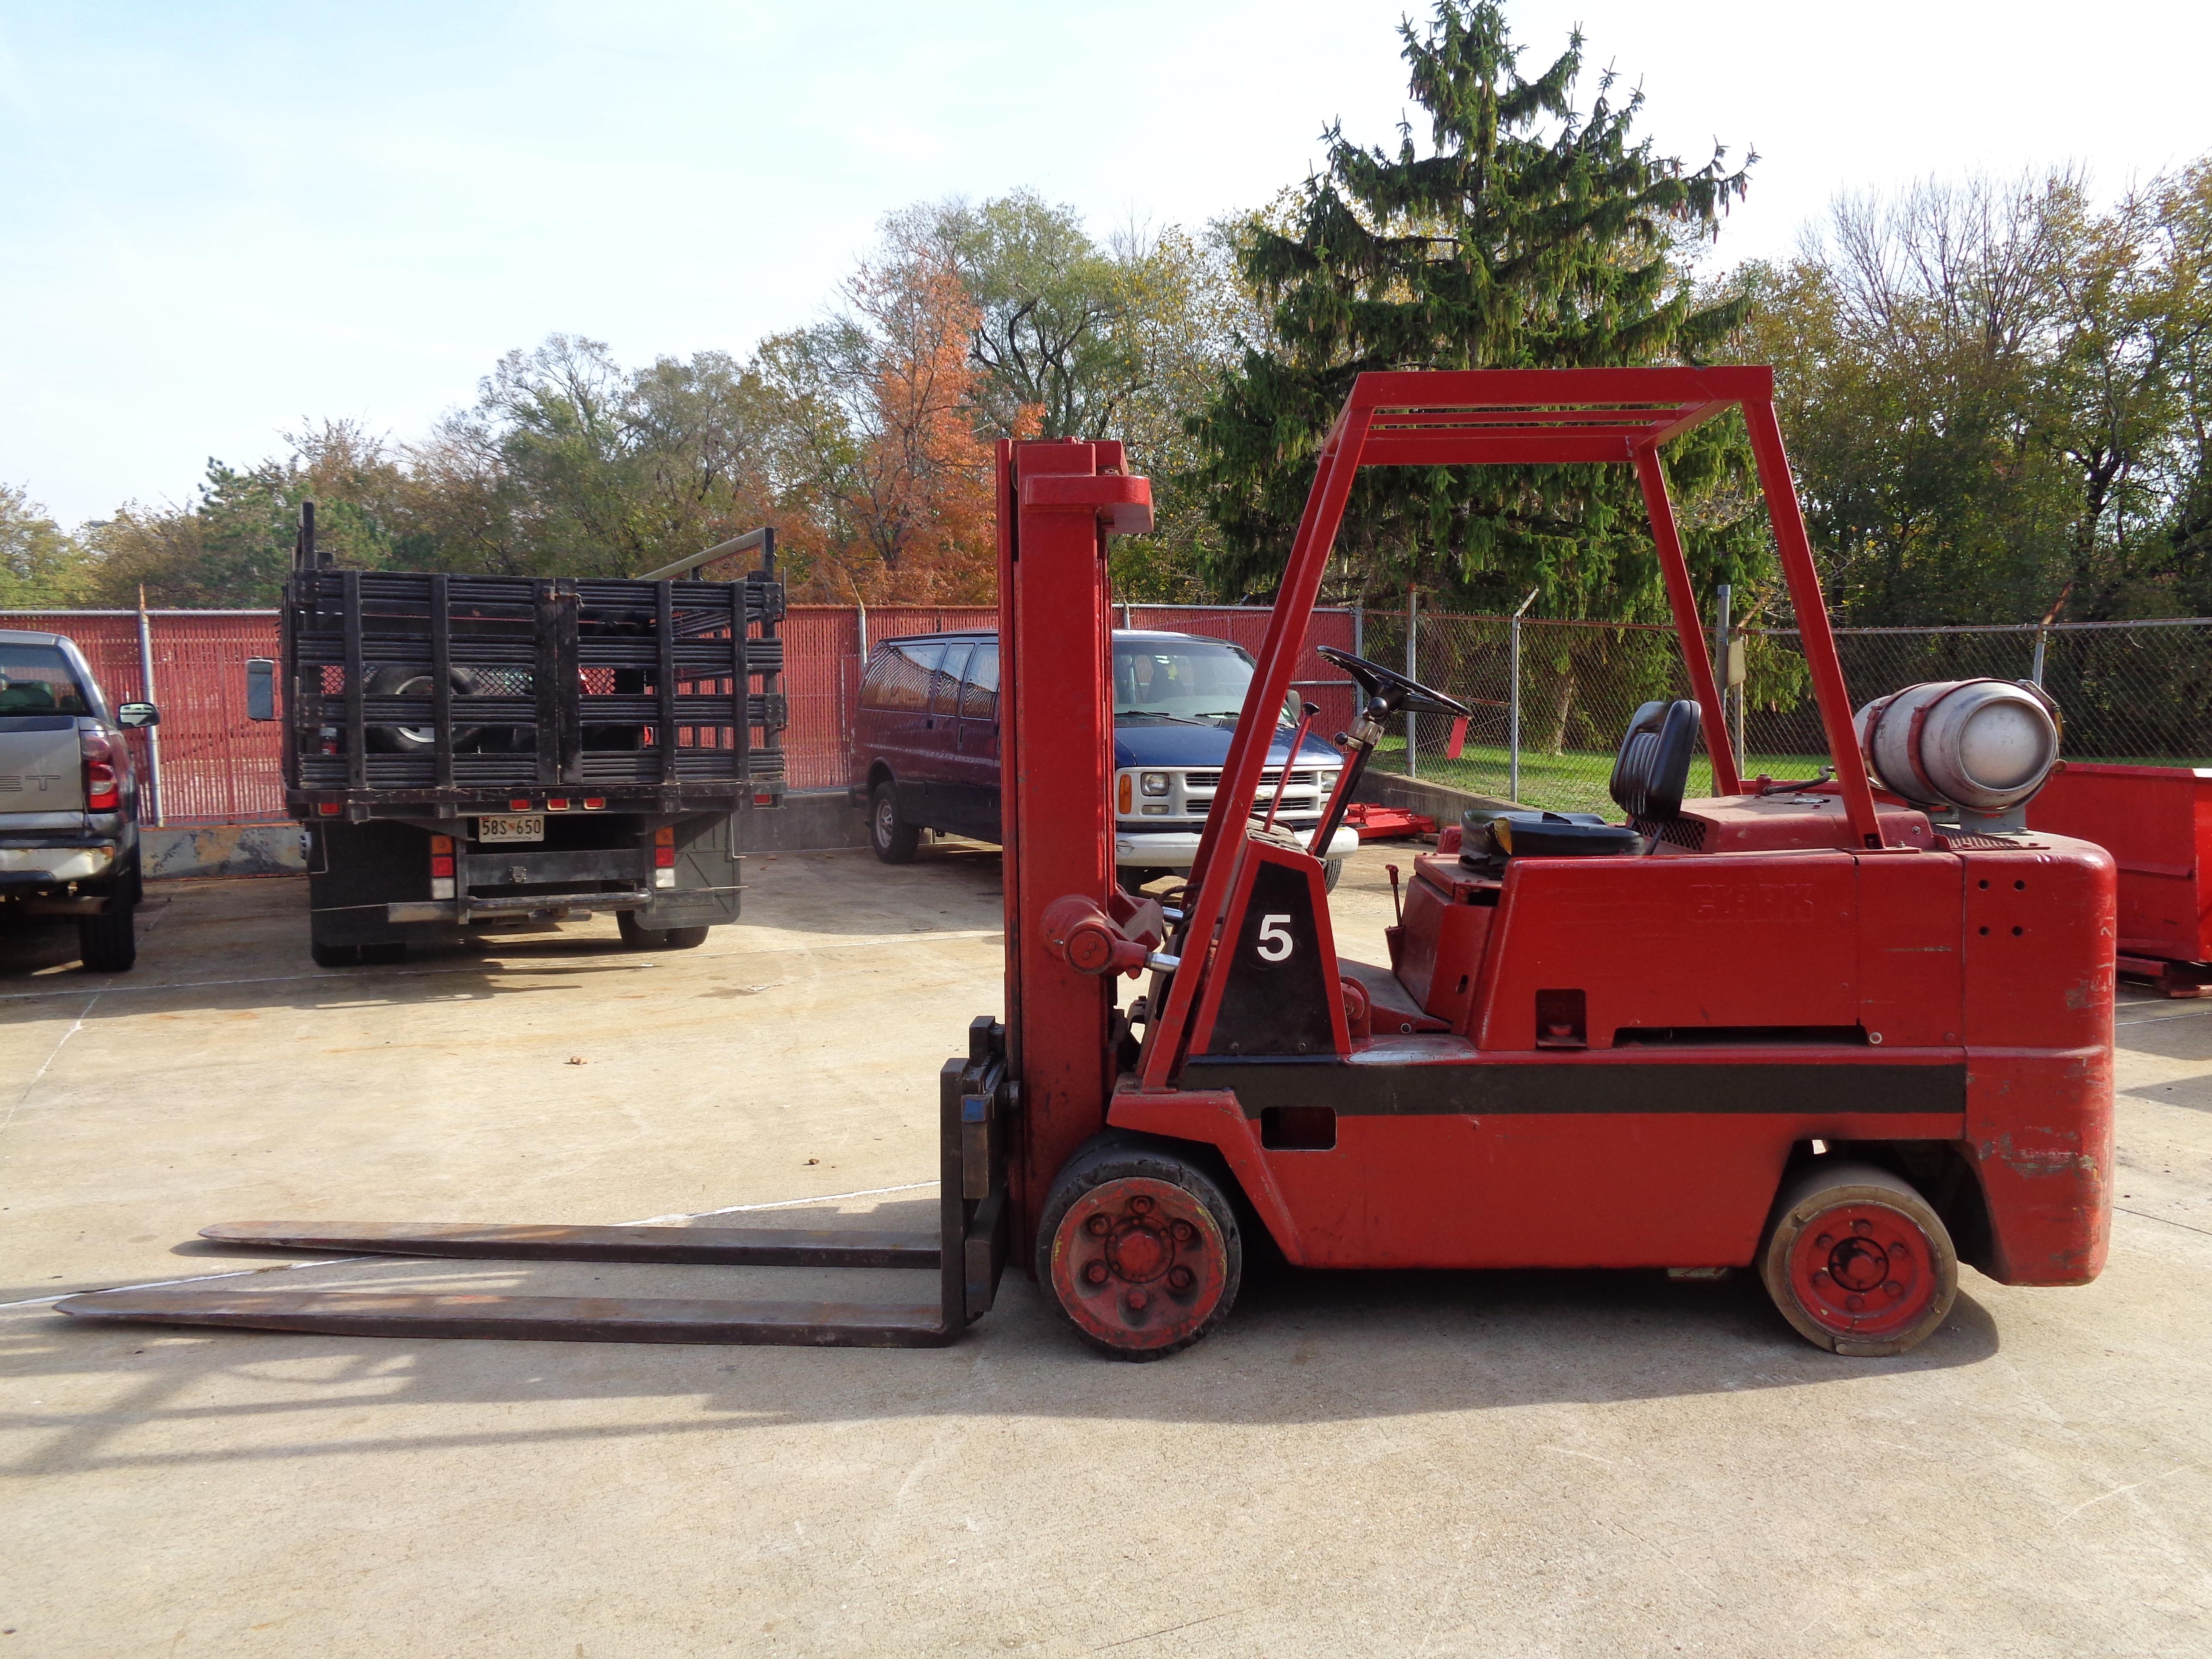 Clark C120-35 Forklift - 12,000 lbs